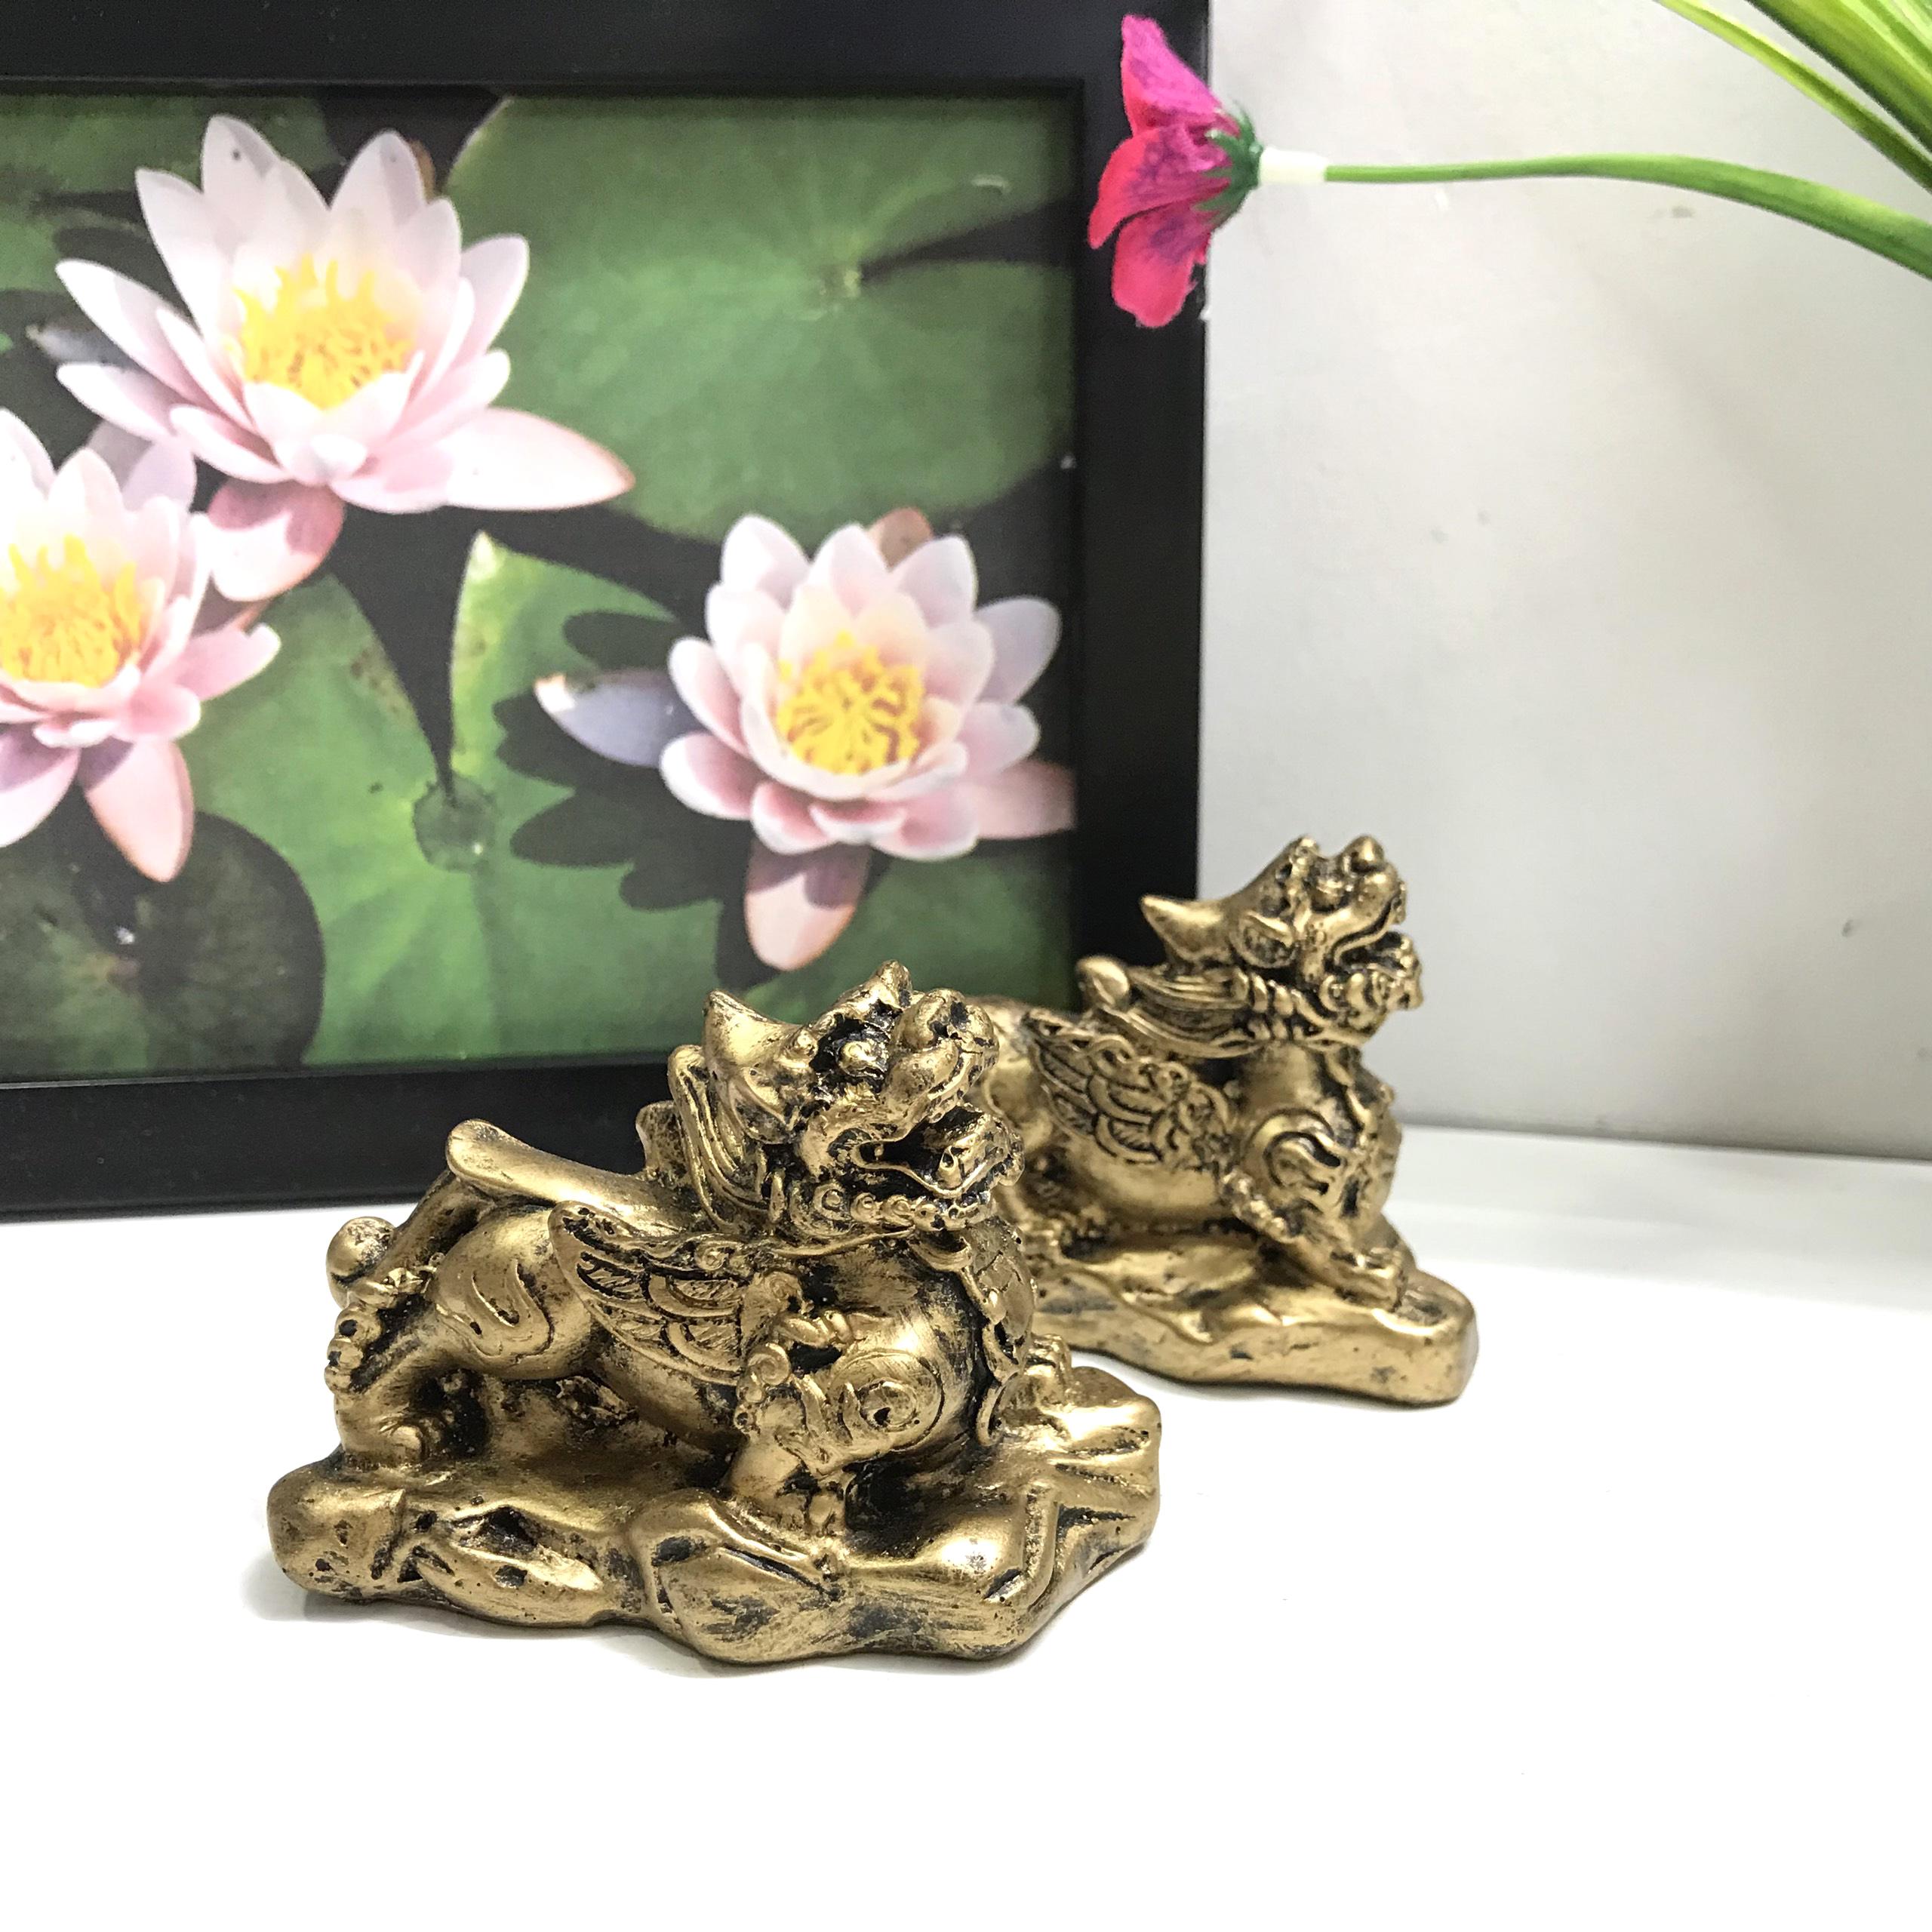 Cặp Tượng Đá Tỳ Hưu Phong Thủy - Màu Nhũ Vàng - Size Nhỏ